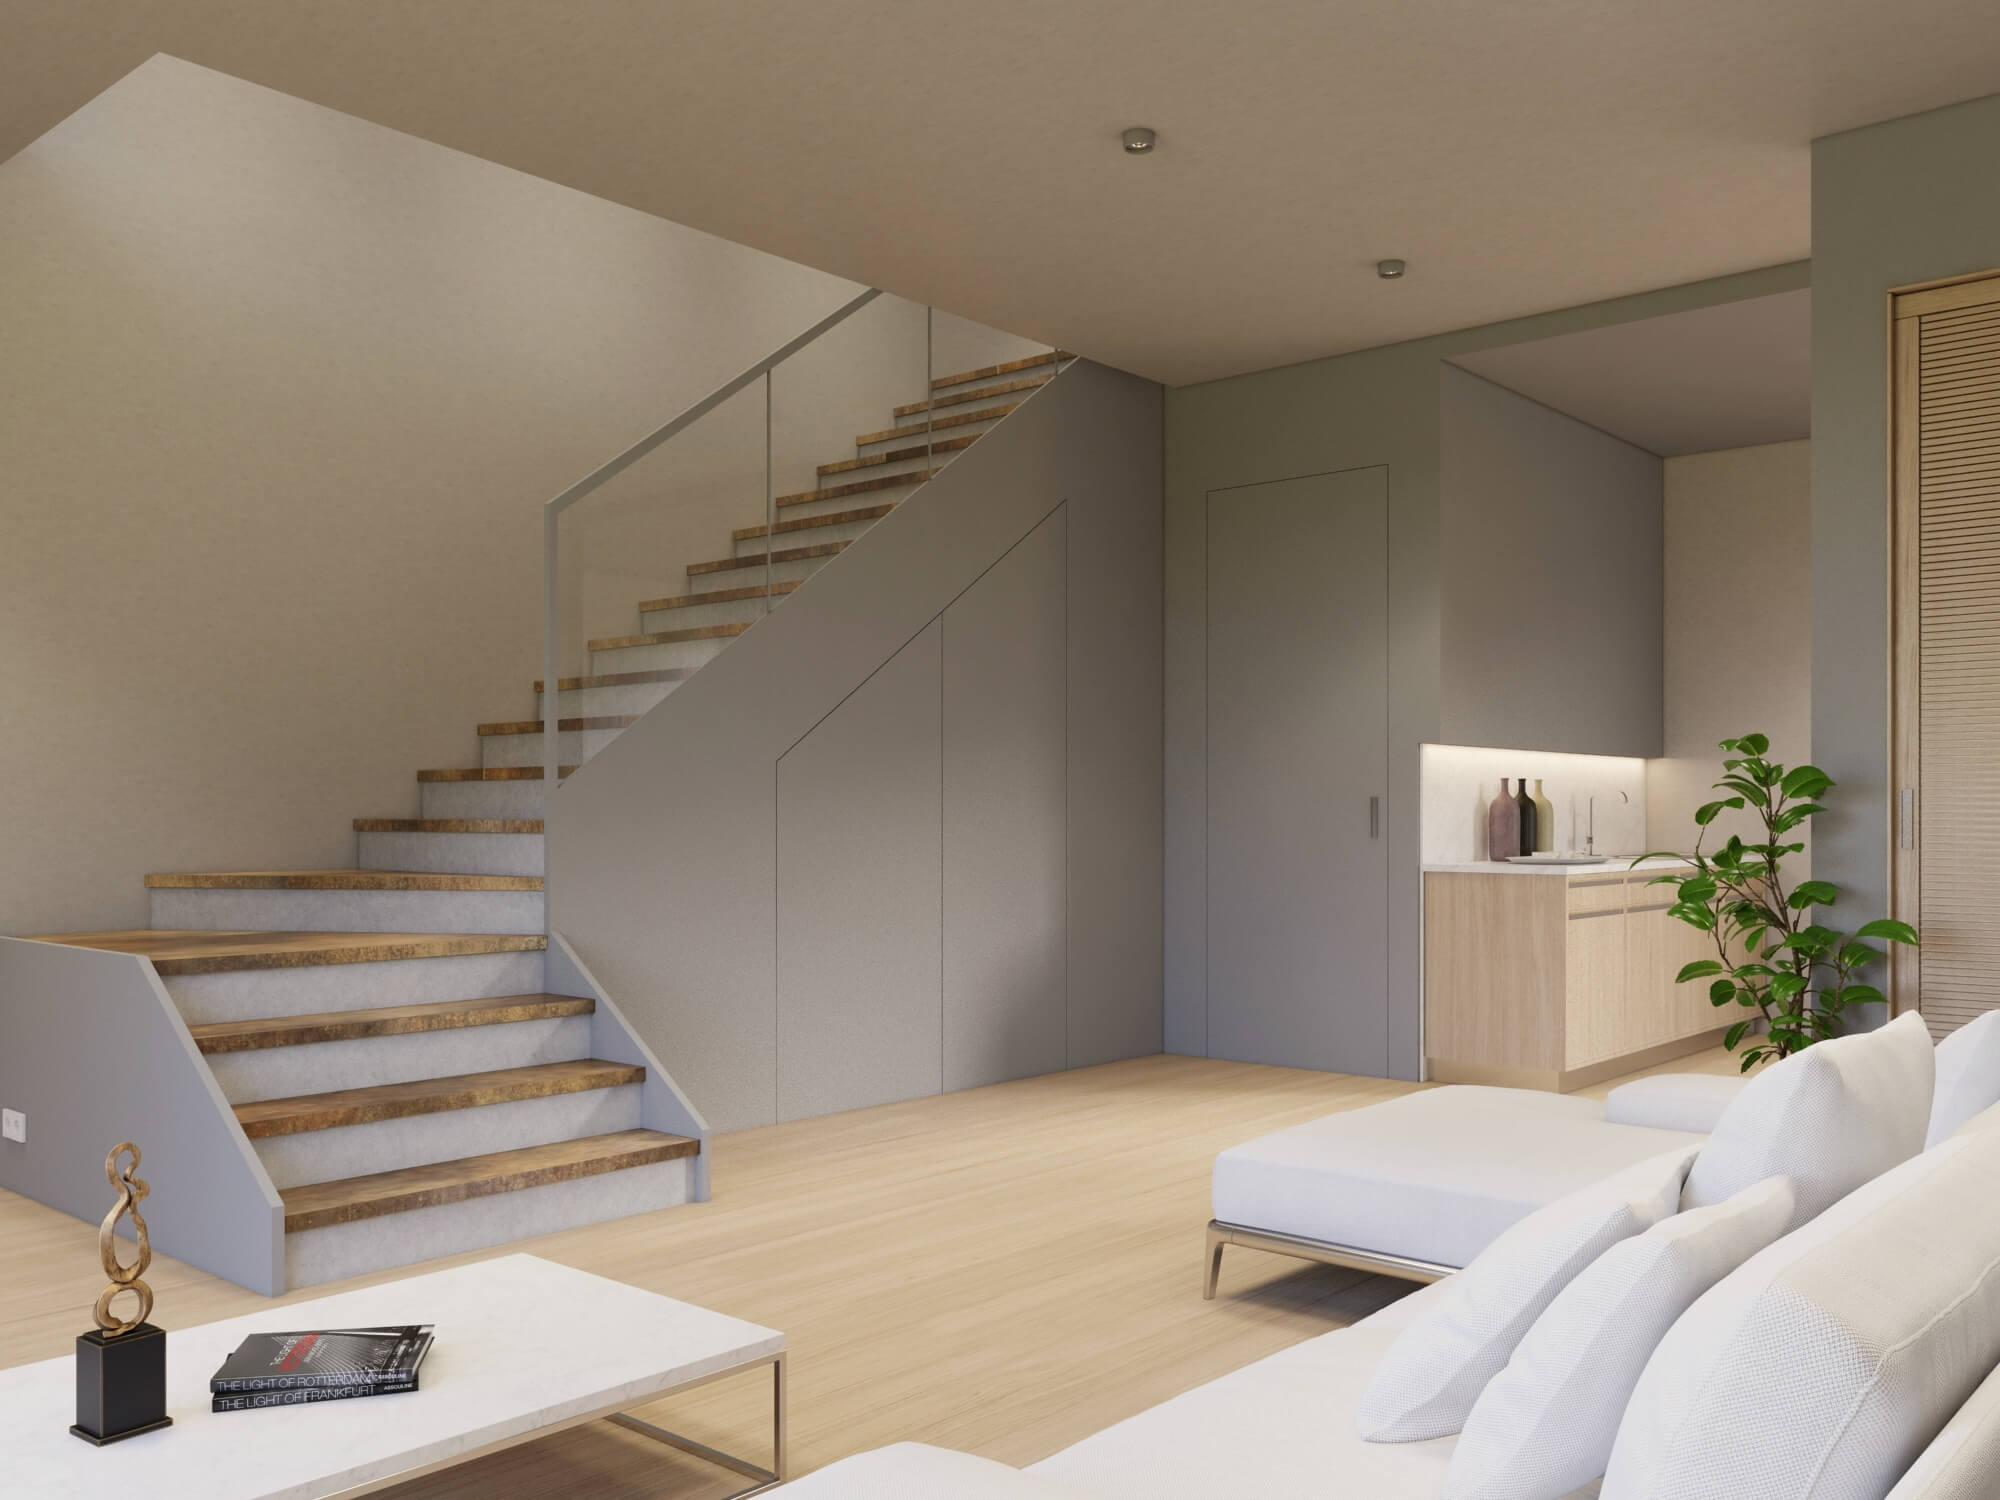 L'image d'architecture 3D sublime vos projets immobiliers